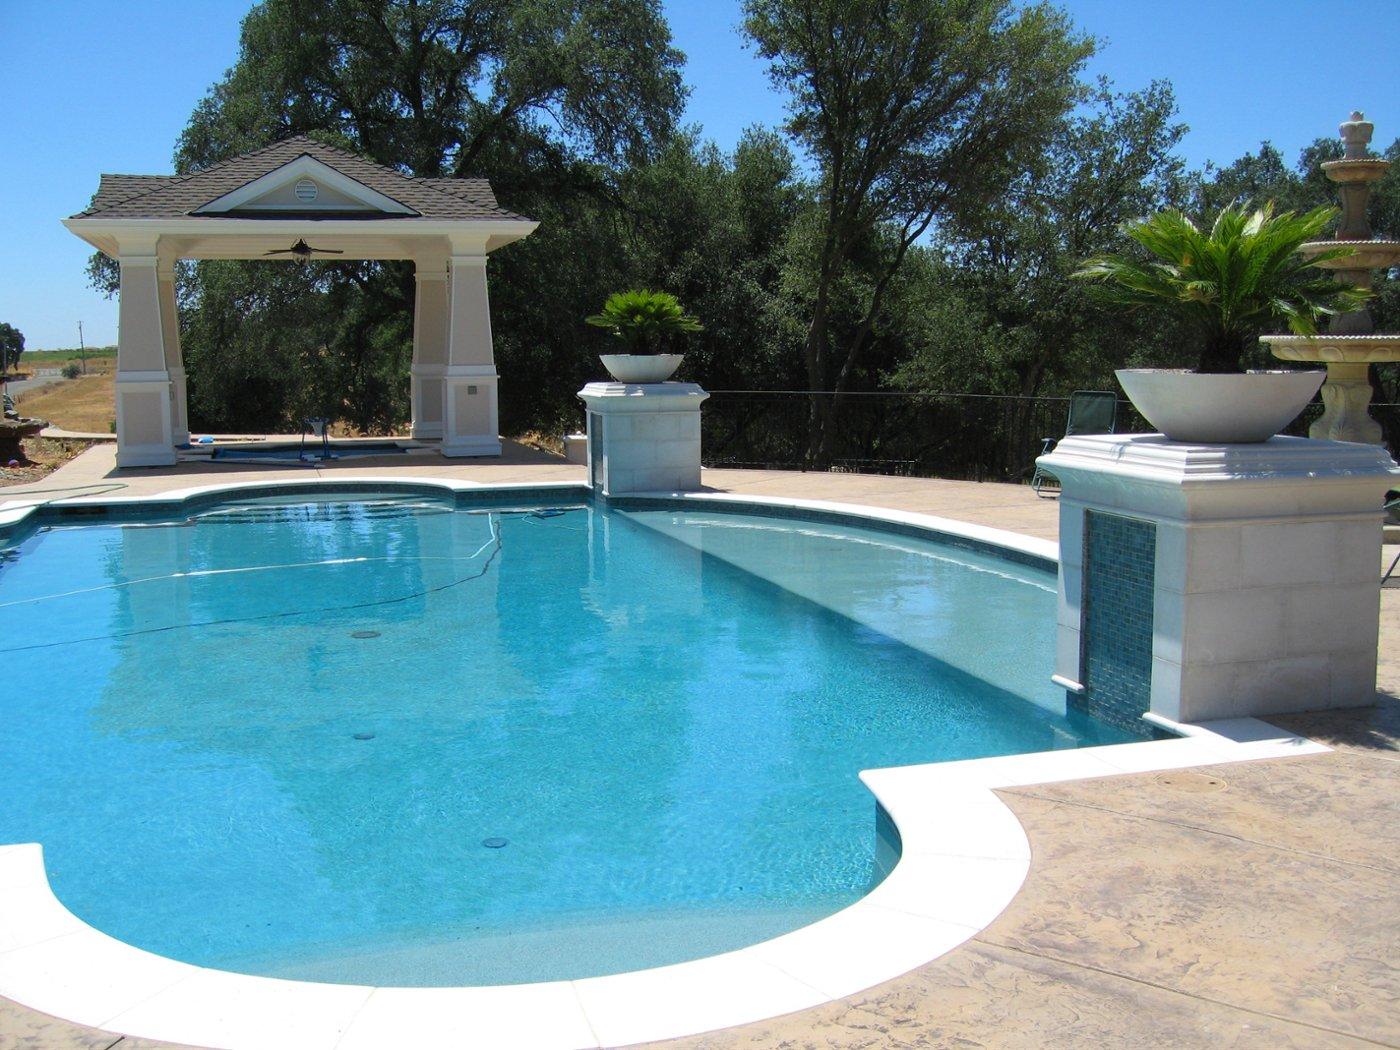 cast stone pool coping photo album